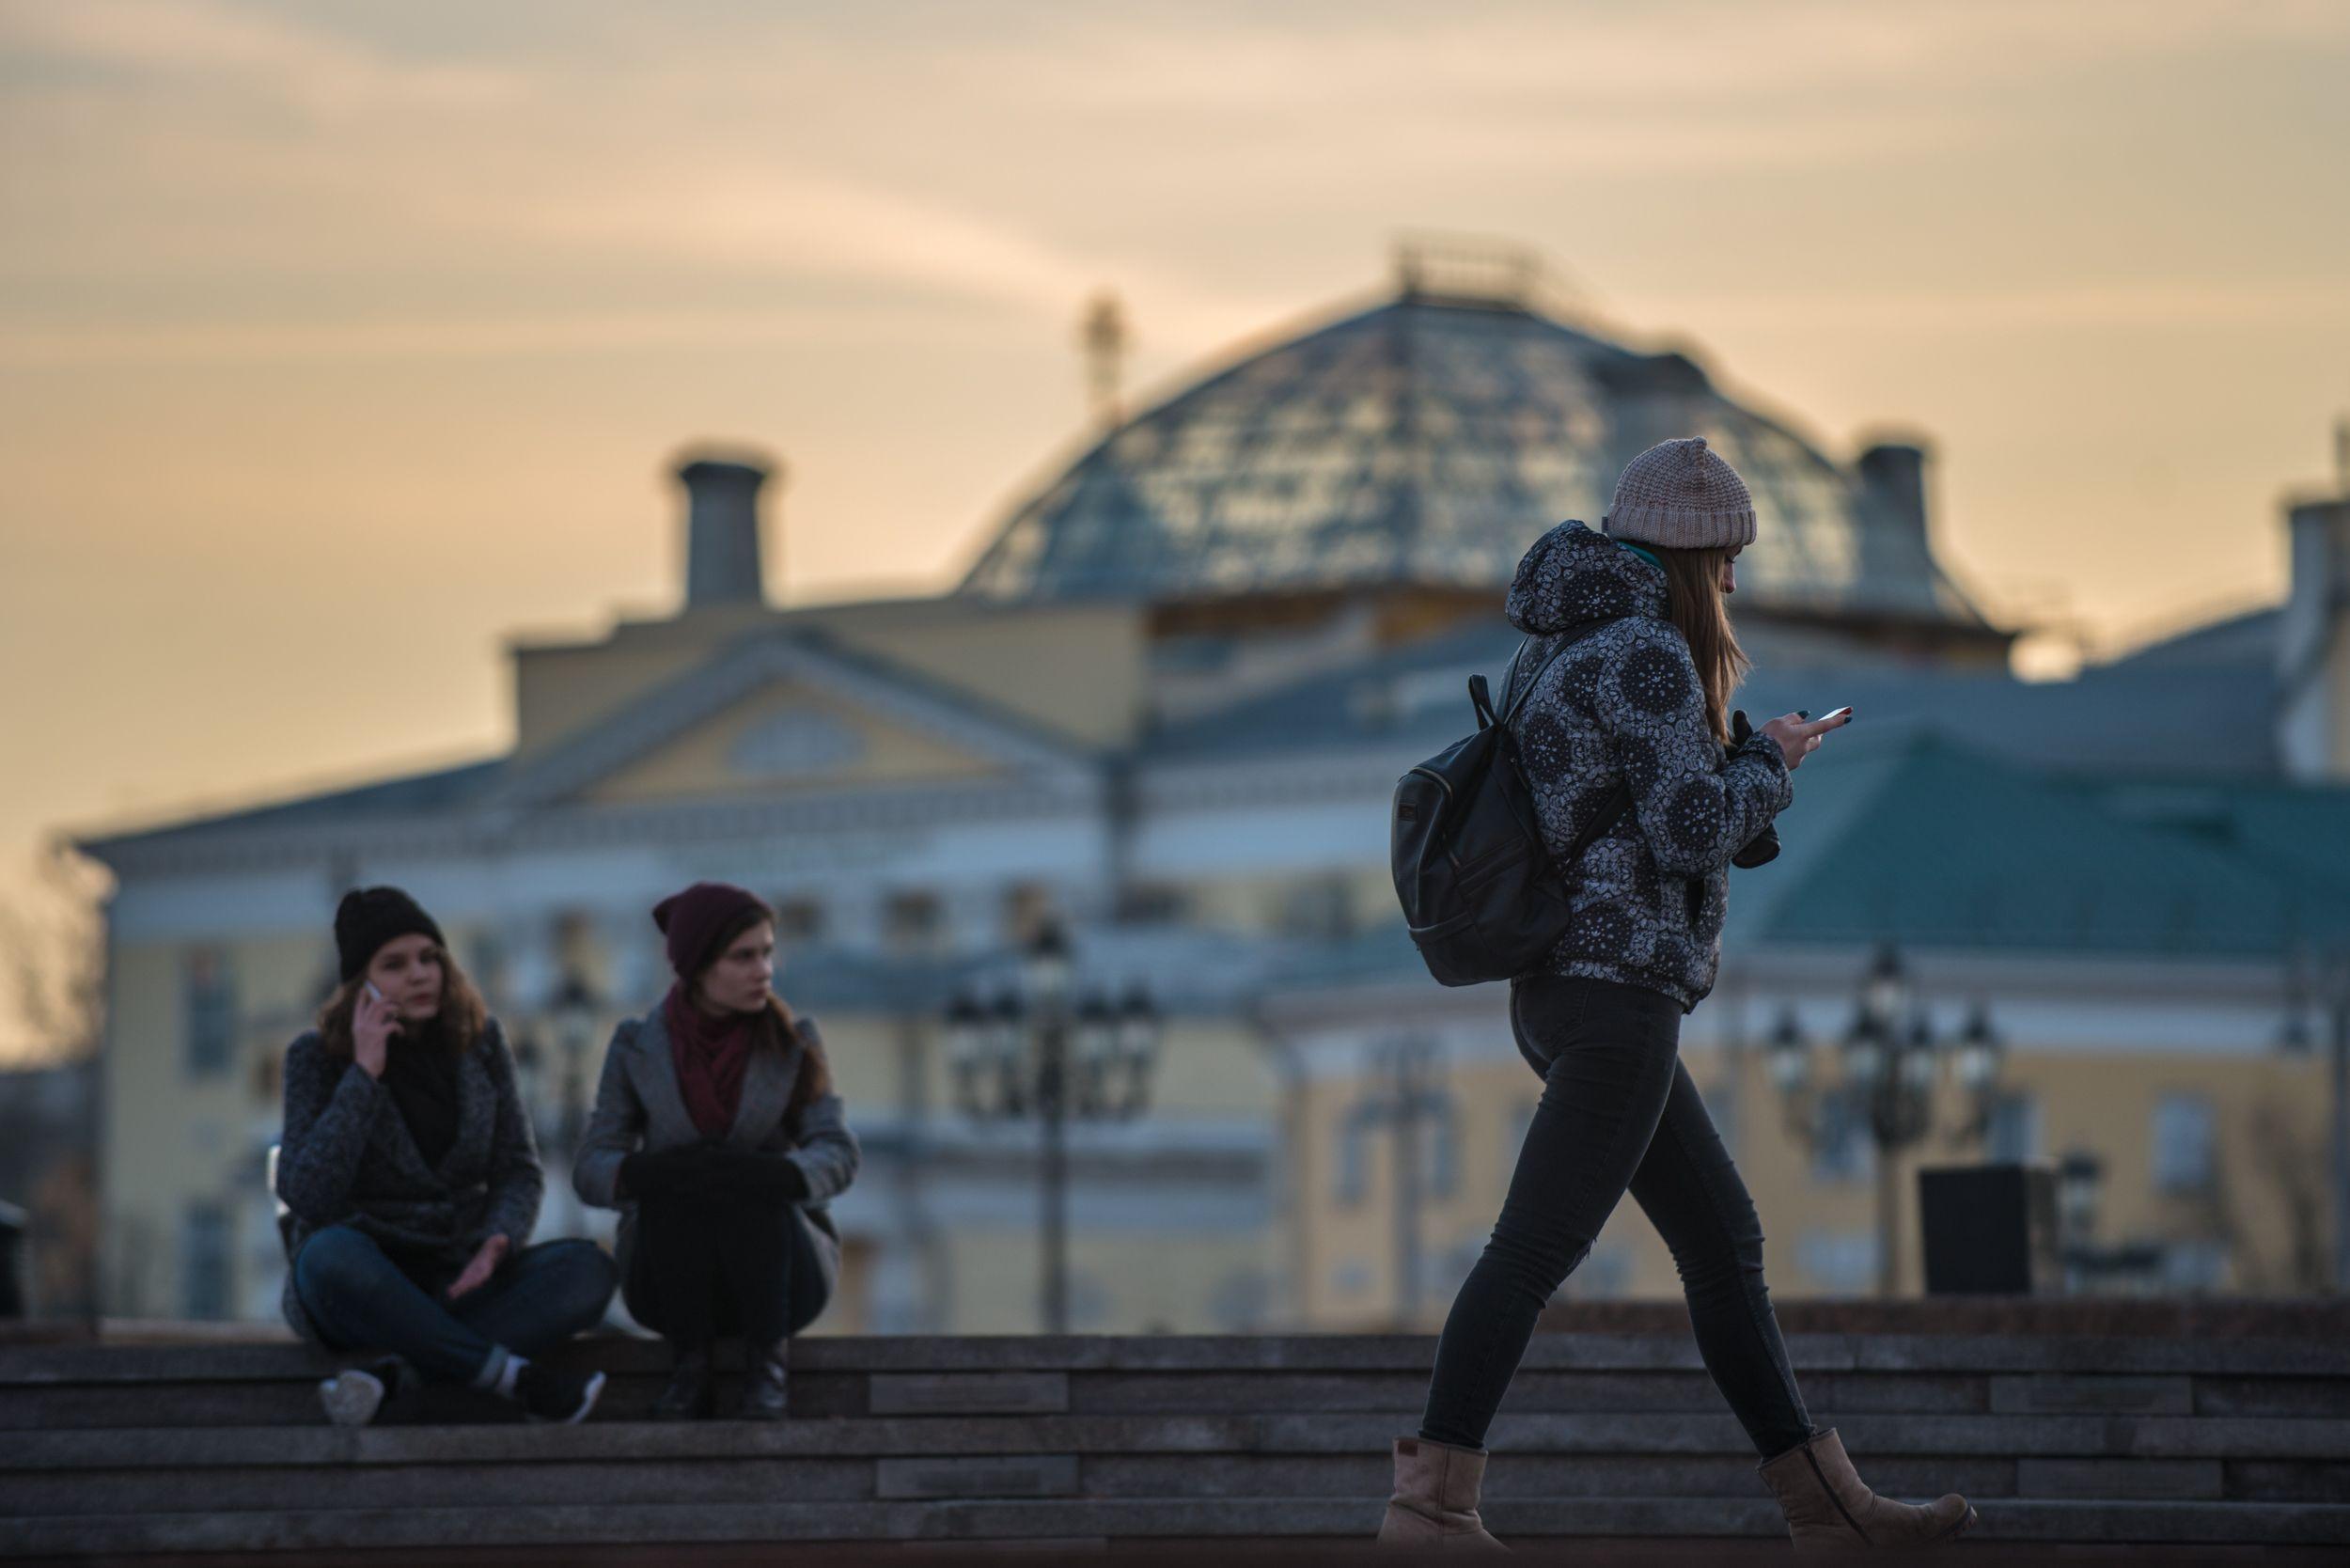 Москвичей предупредили о похолодании в начале недели